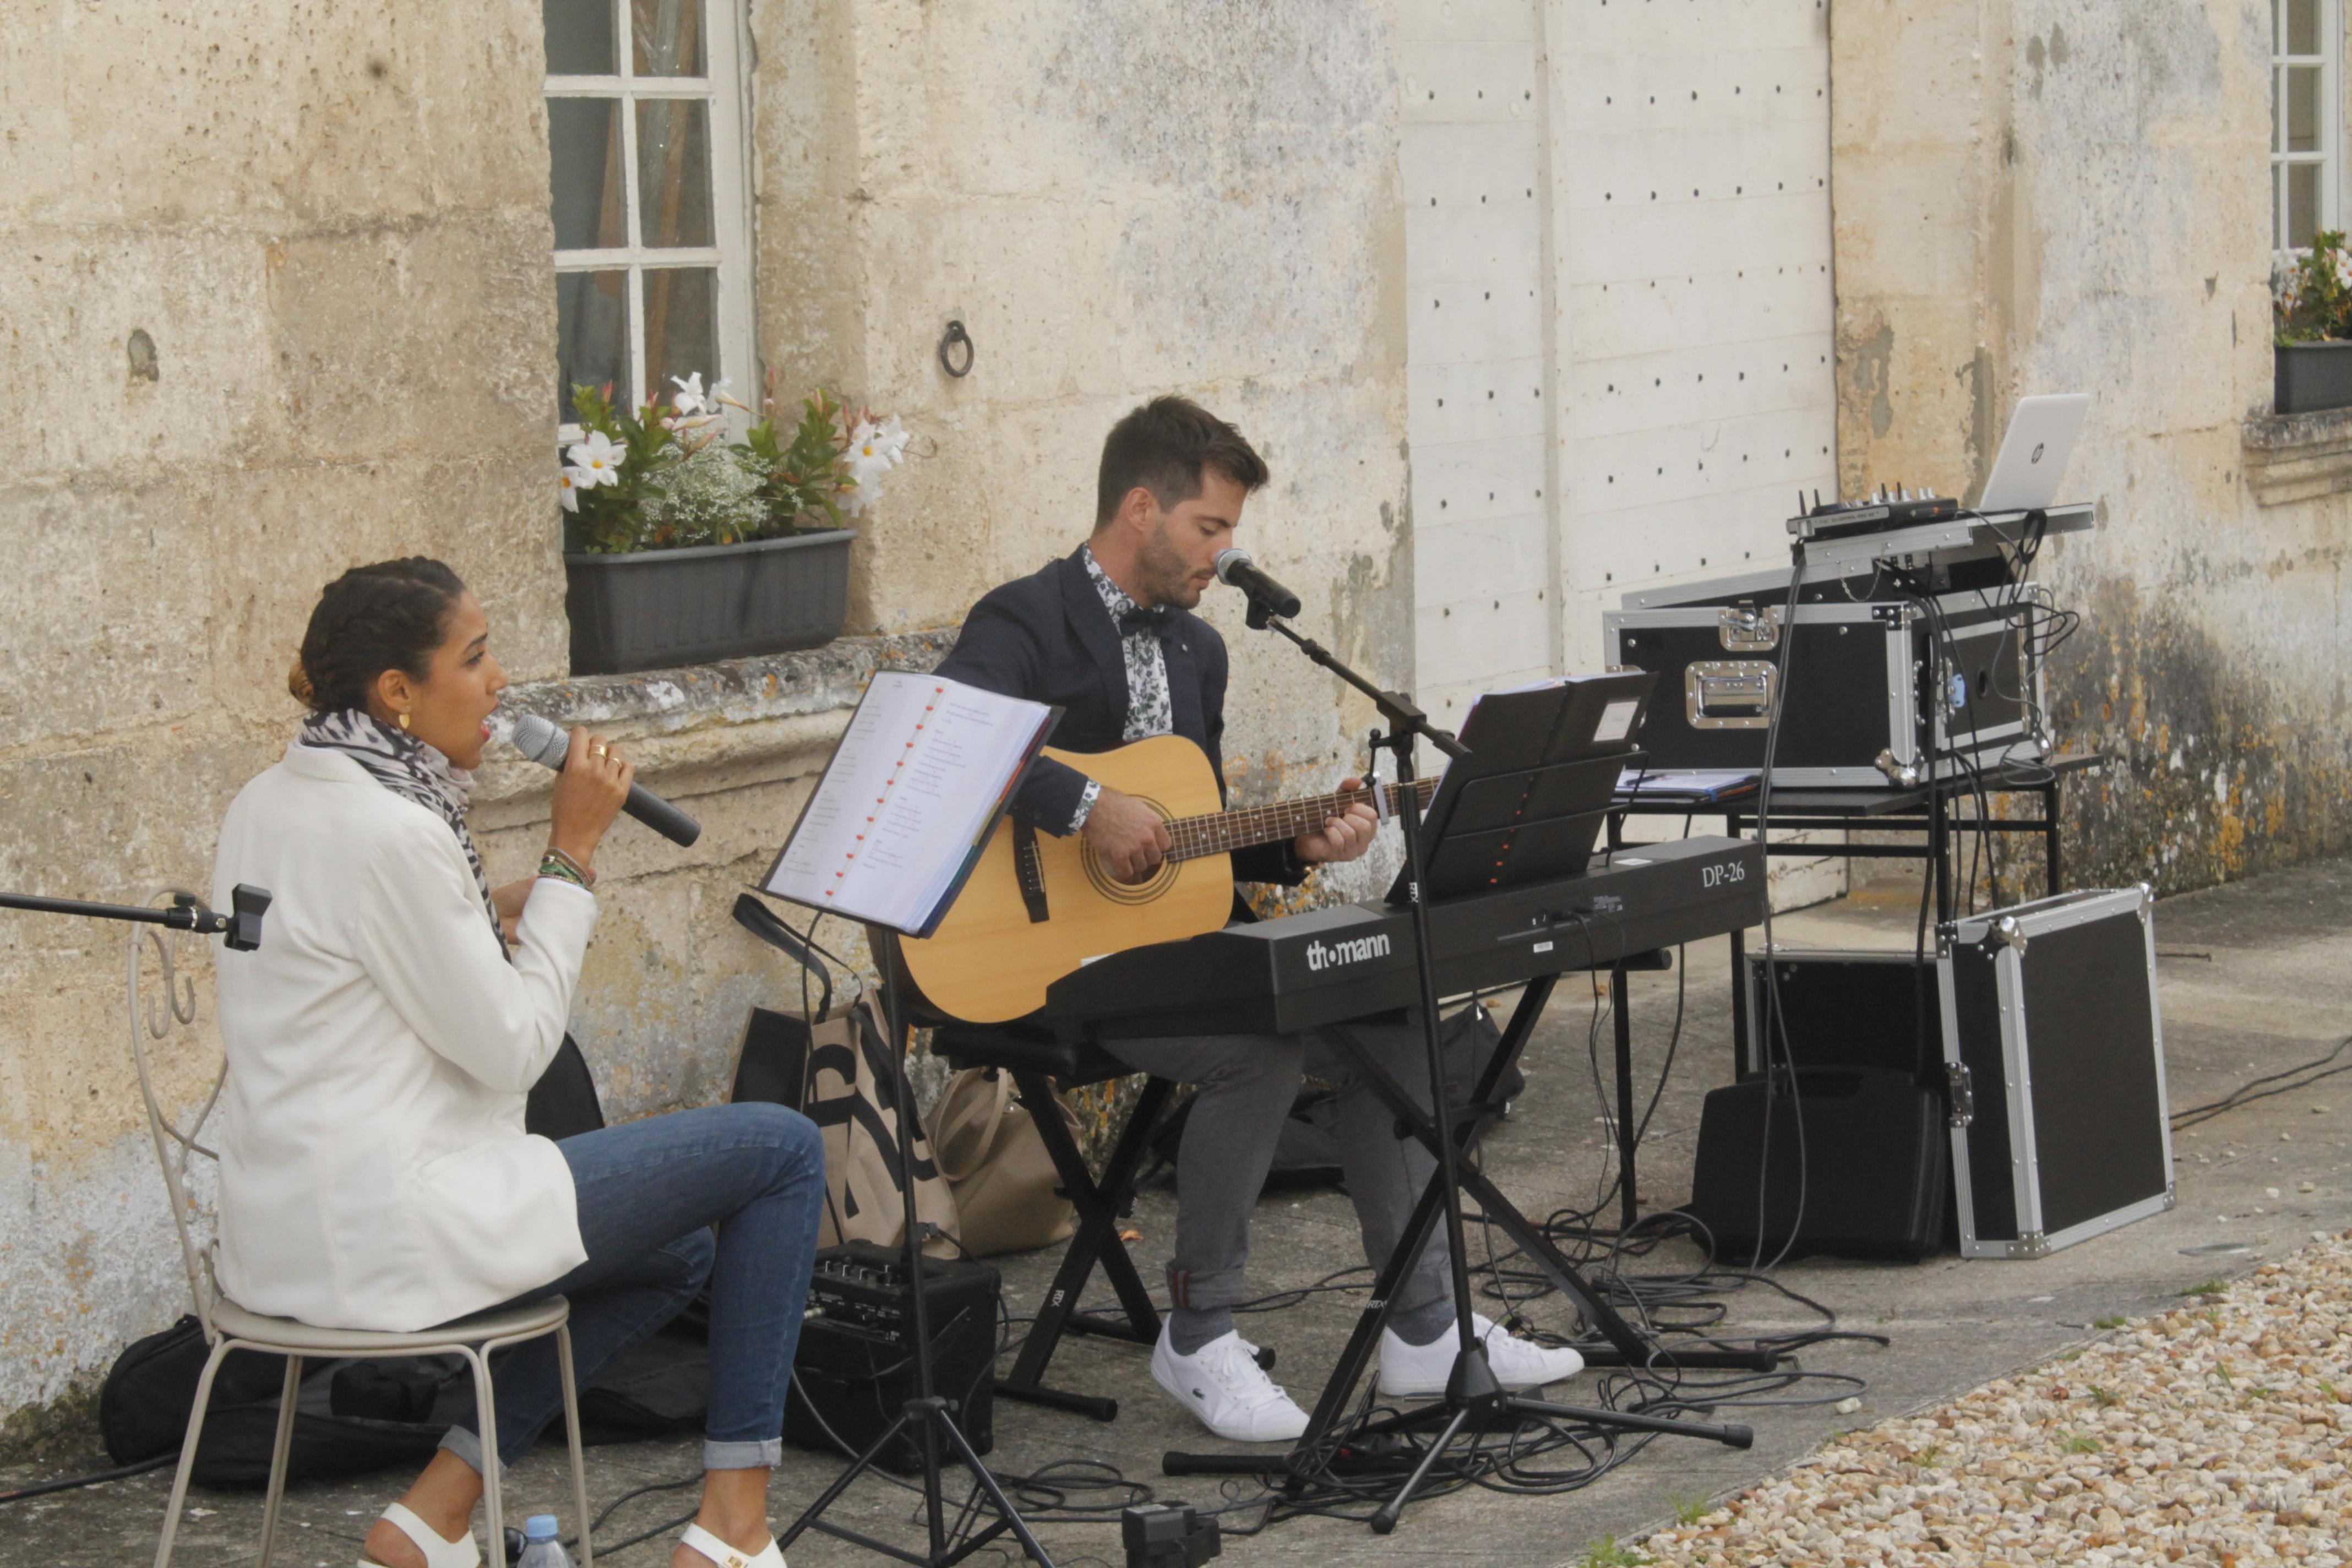 Sonorisation de Groupe